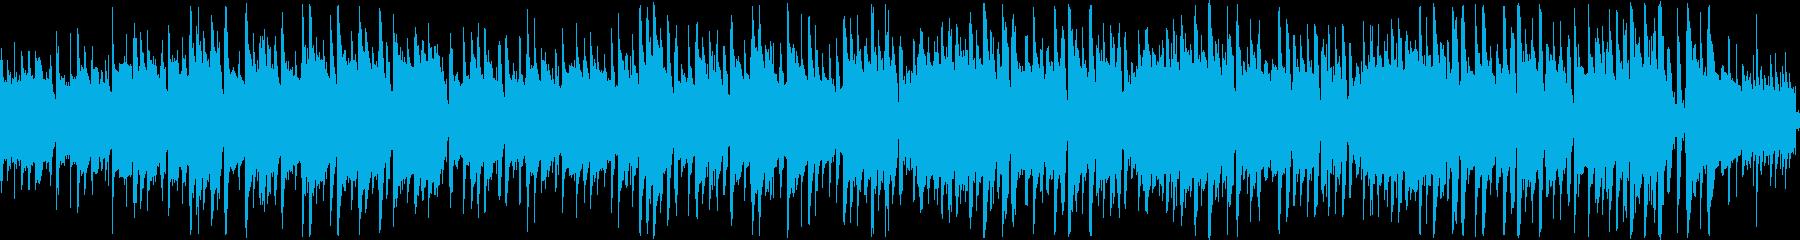 アコギとピアノが香るジャズラウンジの再生済みの波形